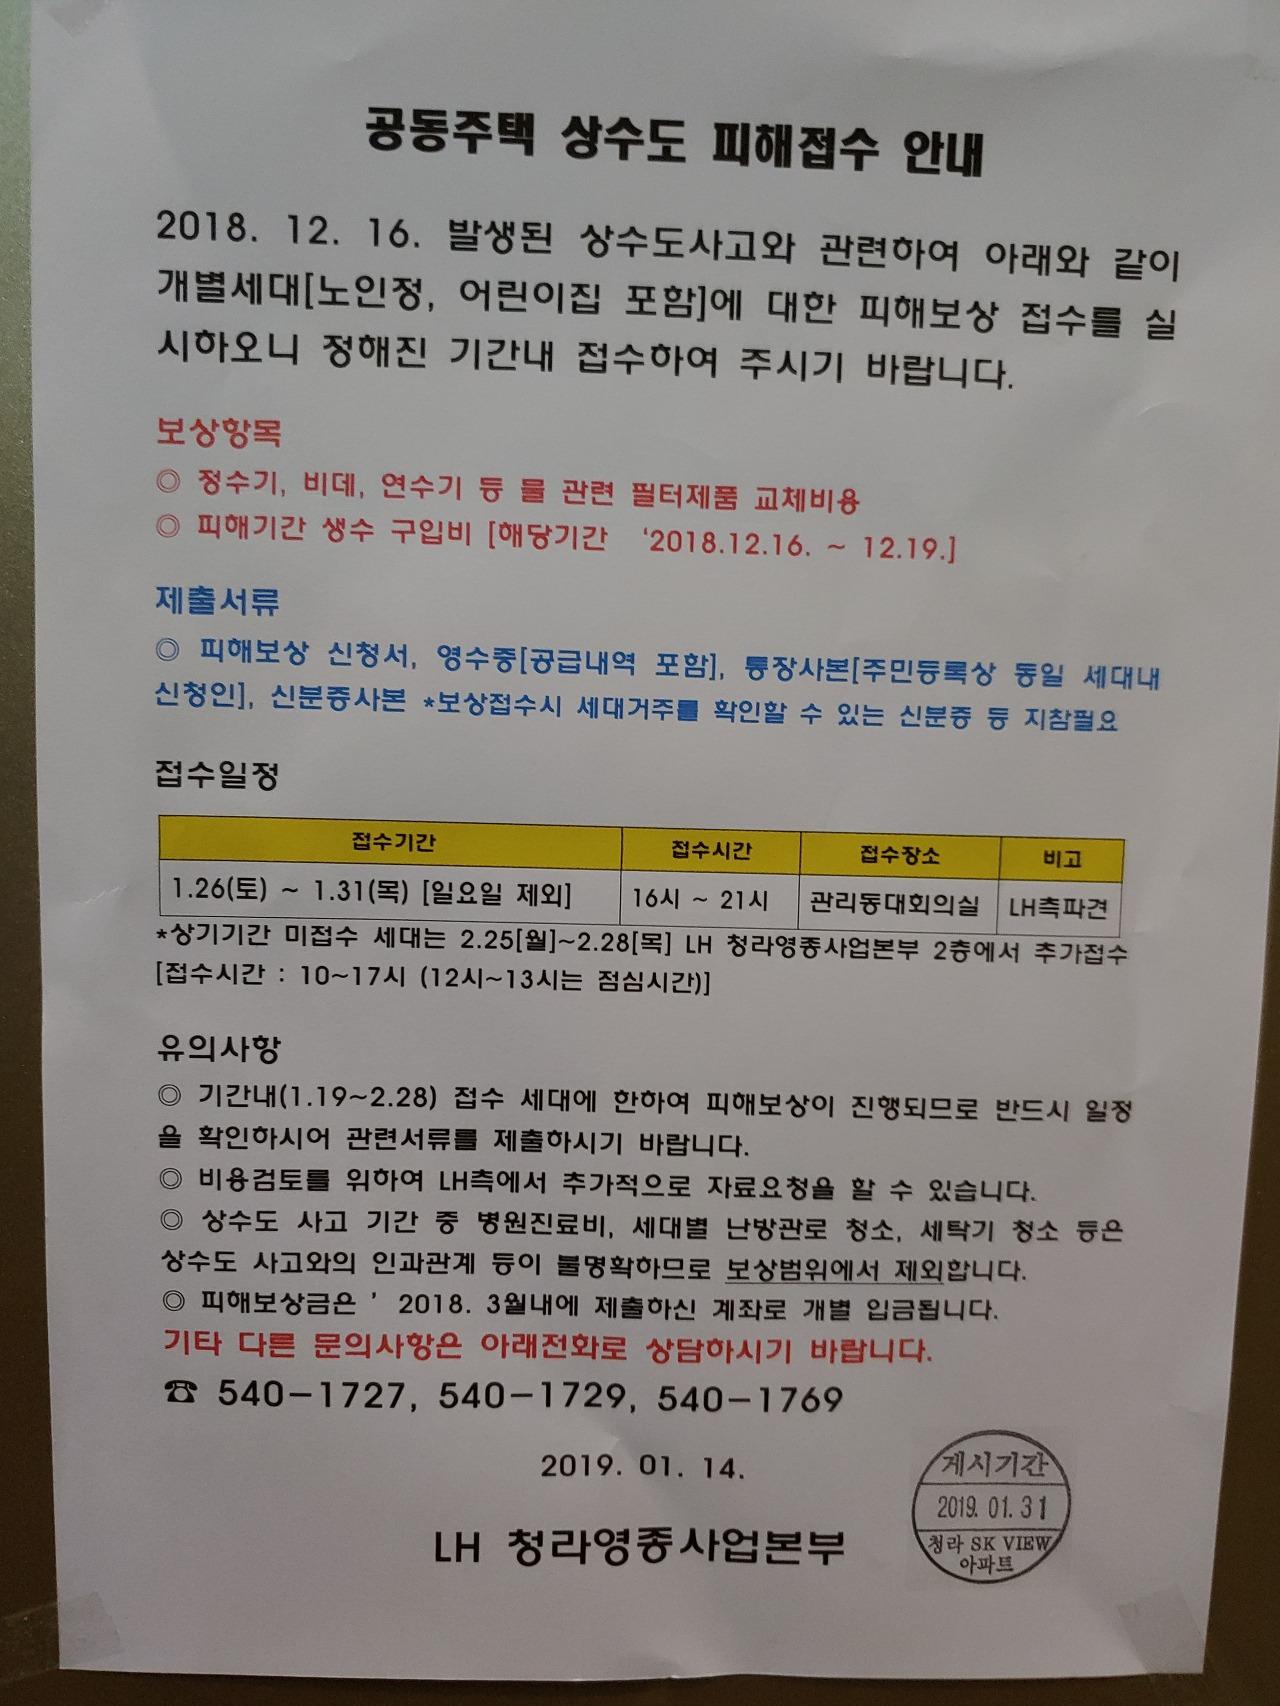 인천 서구 청라 5단지 LH공사 상수도 흙탕물 사건 sk뷰 아파트 피해 보상